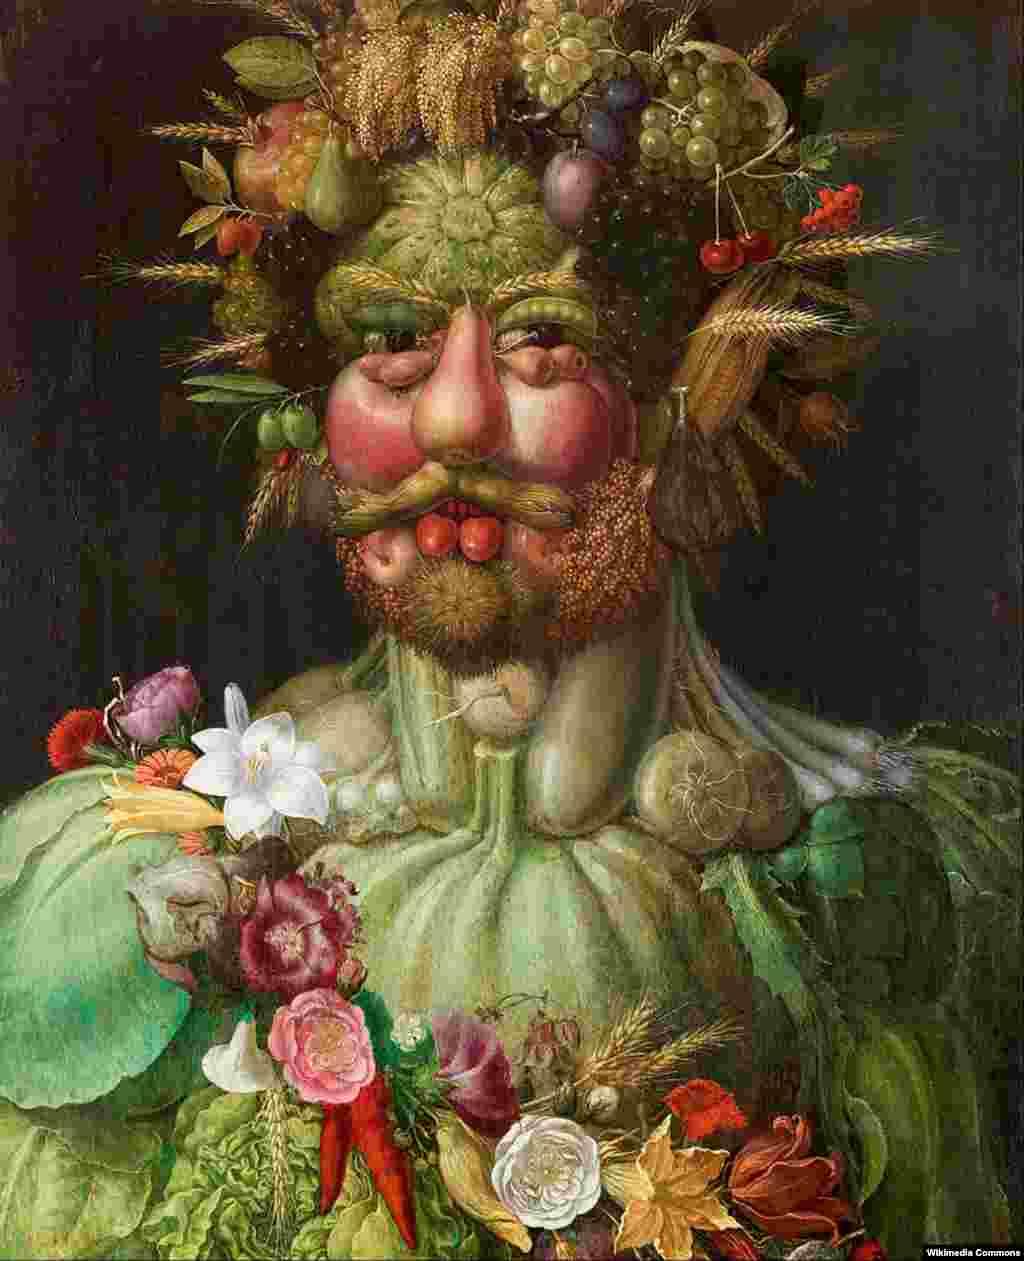 Произведения искусства из еды – далеко не новшевство XXI века. Итальянский живописец Джузеппе Арчимбольдо додумался до этого еще в XVI веке. Большинство его картин – композиции из еды и обыденных вещей, которые складываются в портреты и пейзажи